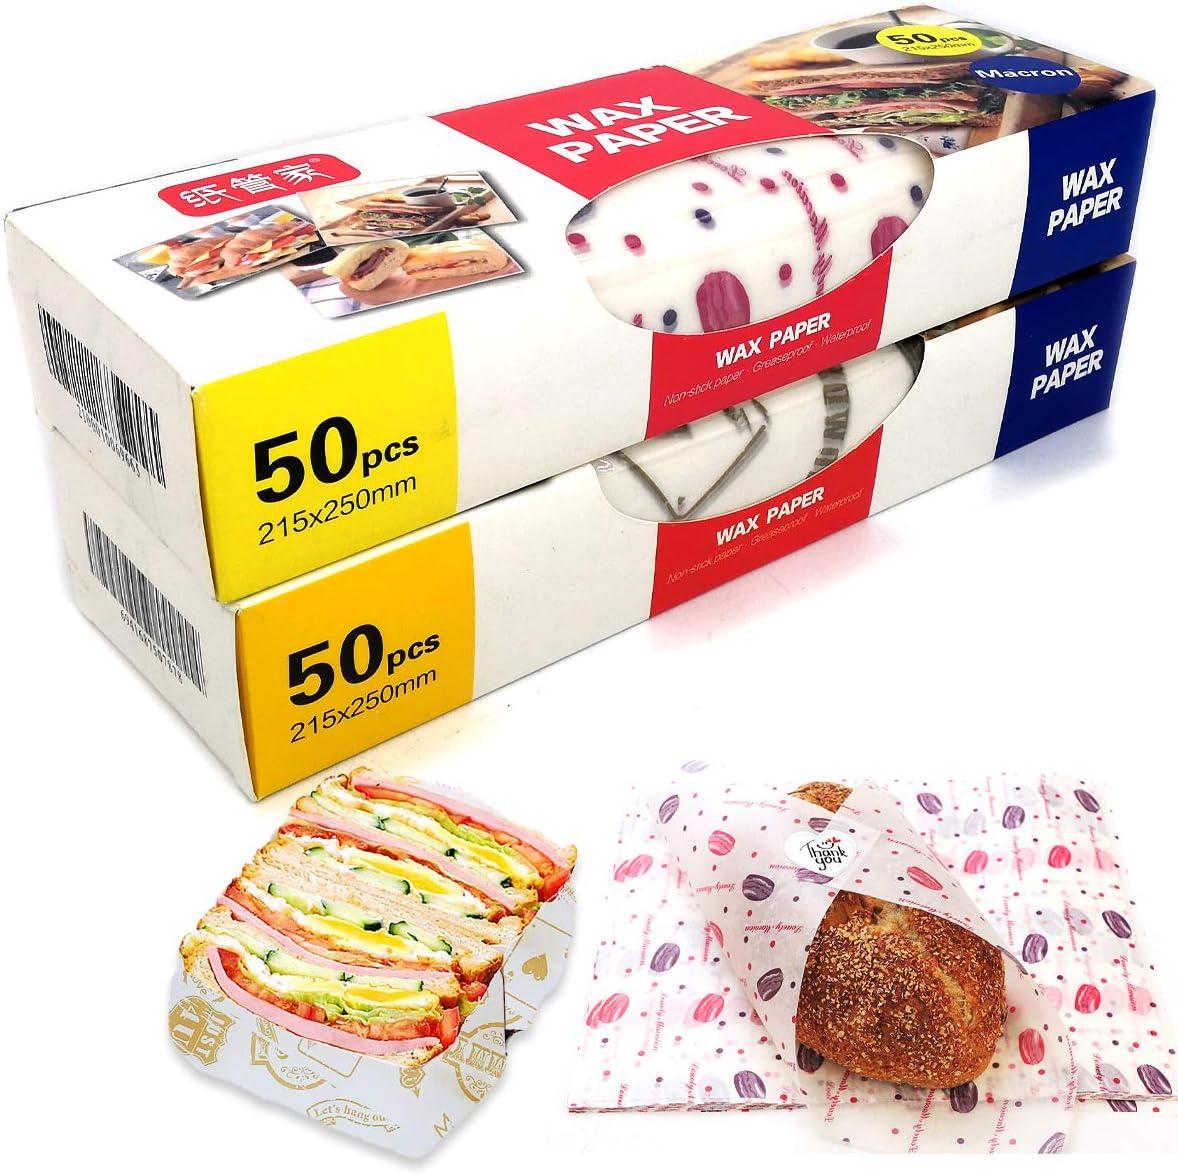 L/égume et Pain Papier pour Sandwiches Hamburgers pour Sandwich Papier Cir/é /étanche /à la Graisse Enveloppes Alimentaires en Cire dabeille 100 Feuilles Emballage de Cire dabeille Papier Fromage